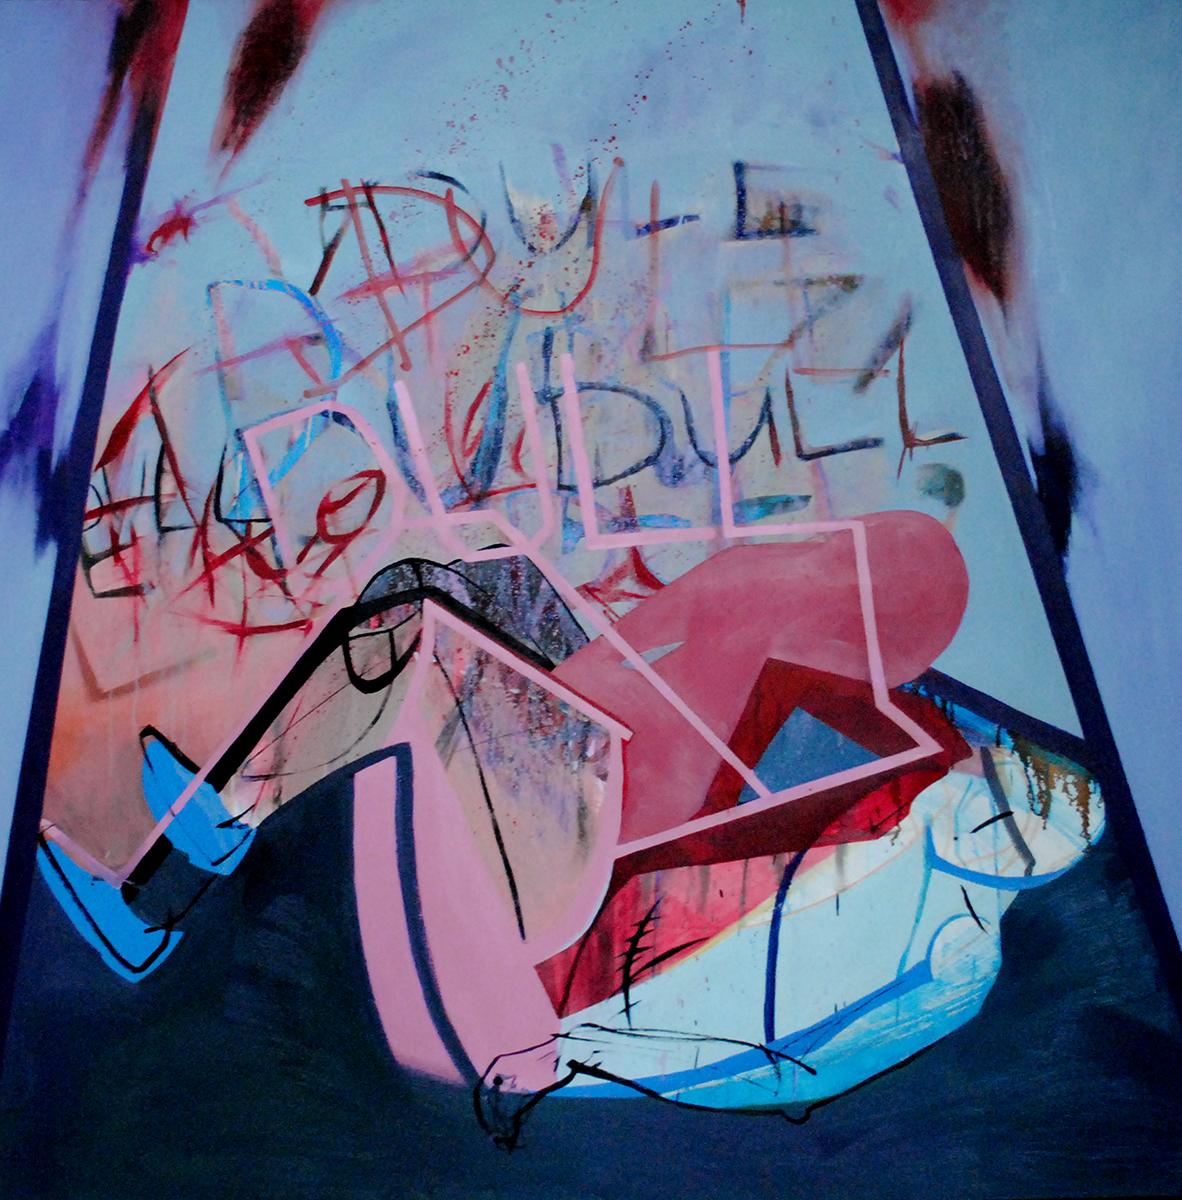 """Agata Czeremuszkin-Chrut """"Dull"""", olej na płótnie, 2012, Galeria BWA w Gorzowie Wielkopolskim"""